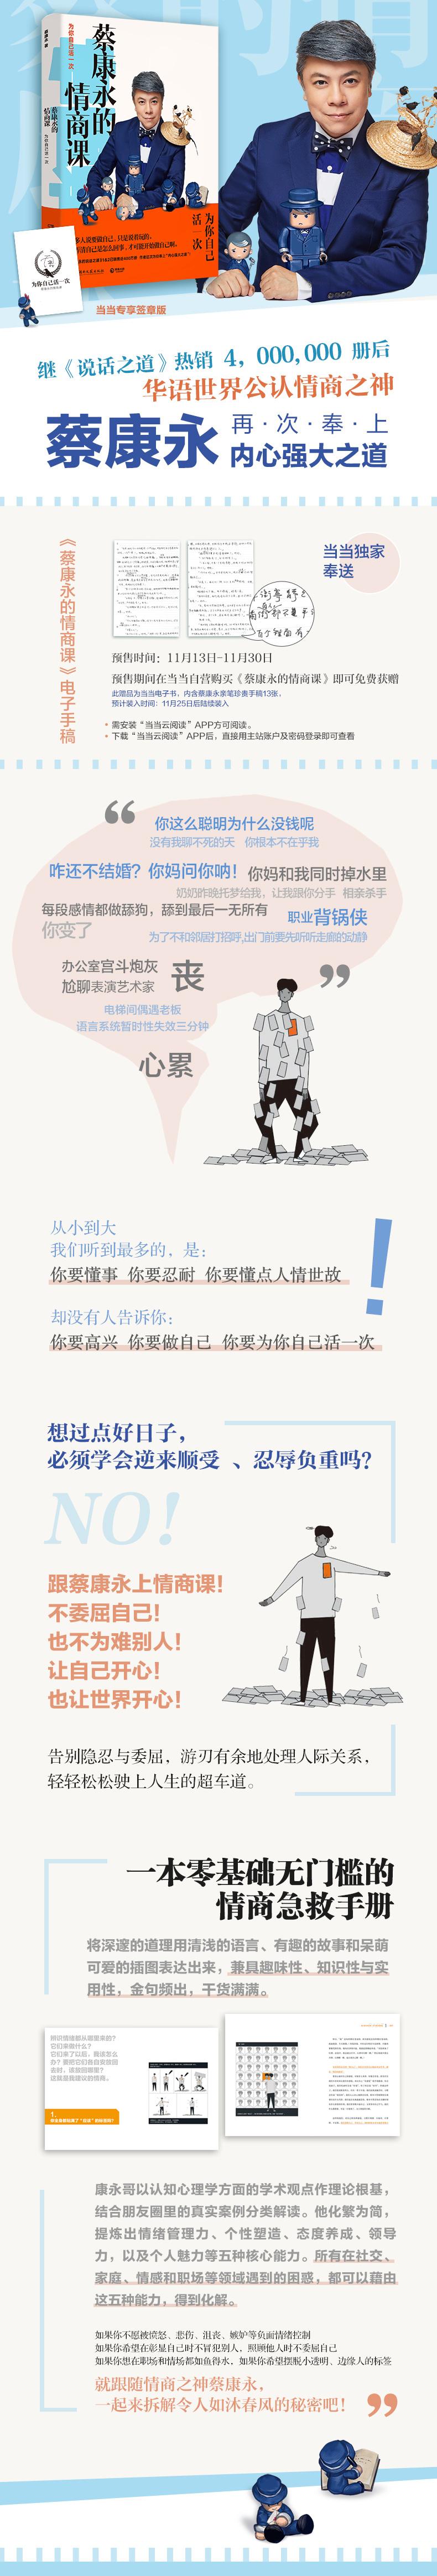 蔡康永的情商课插图.jpg